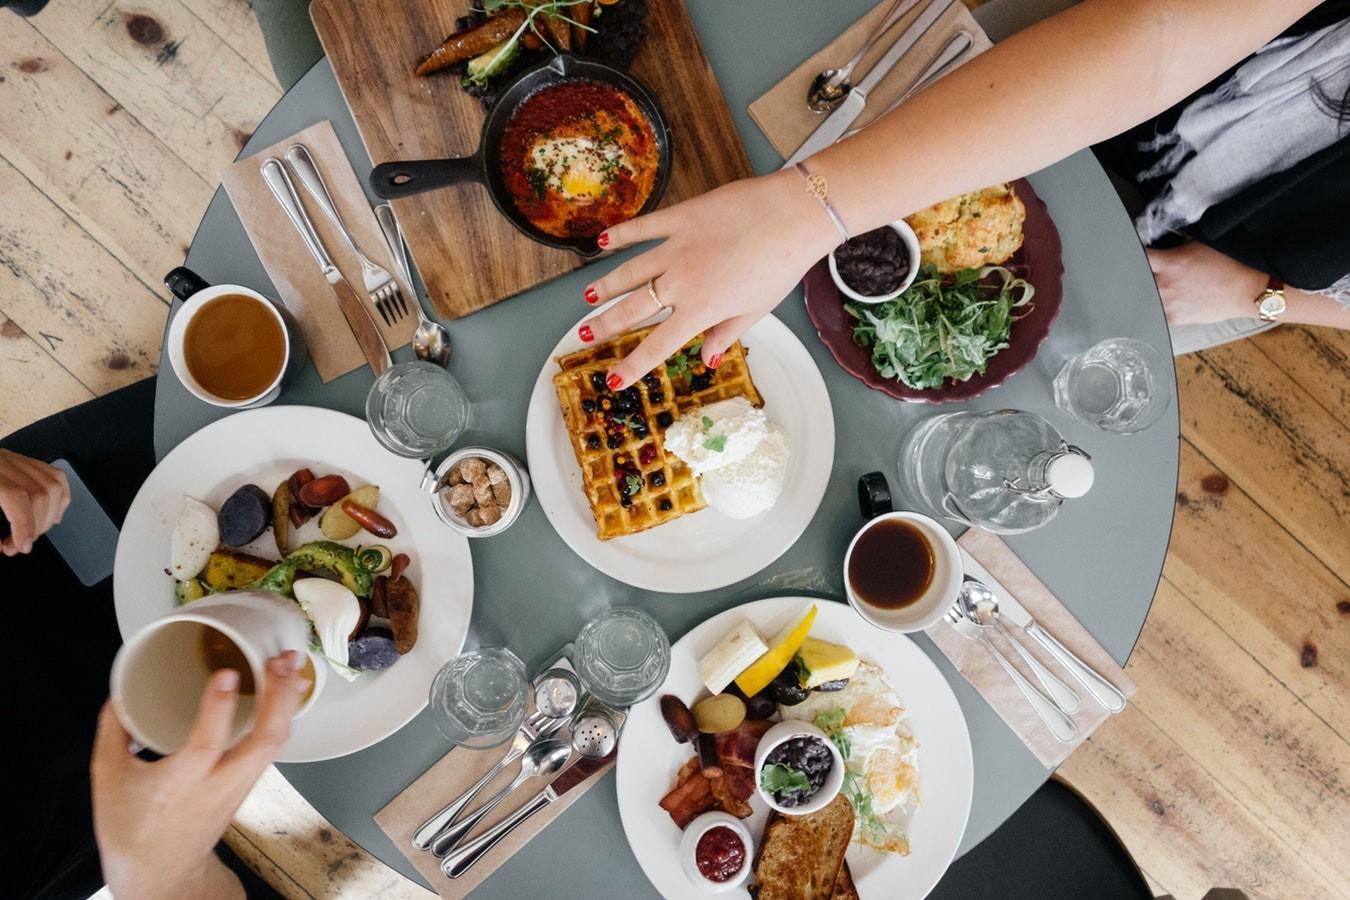 Завтраки в разных странах мира. Что готовят?